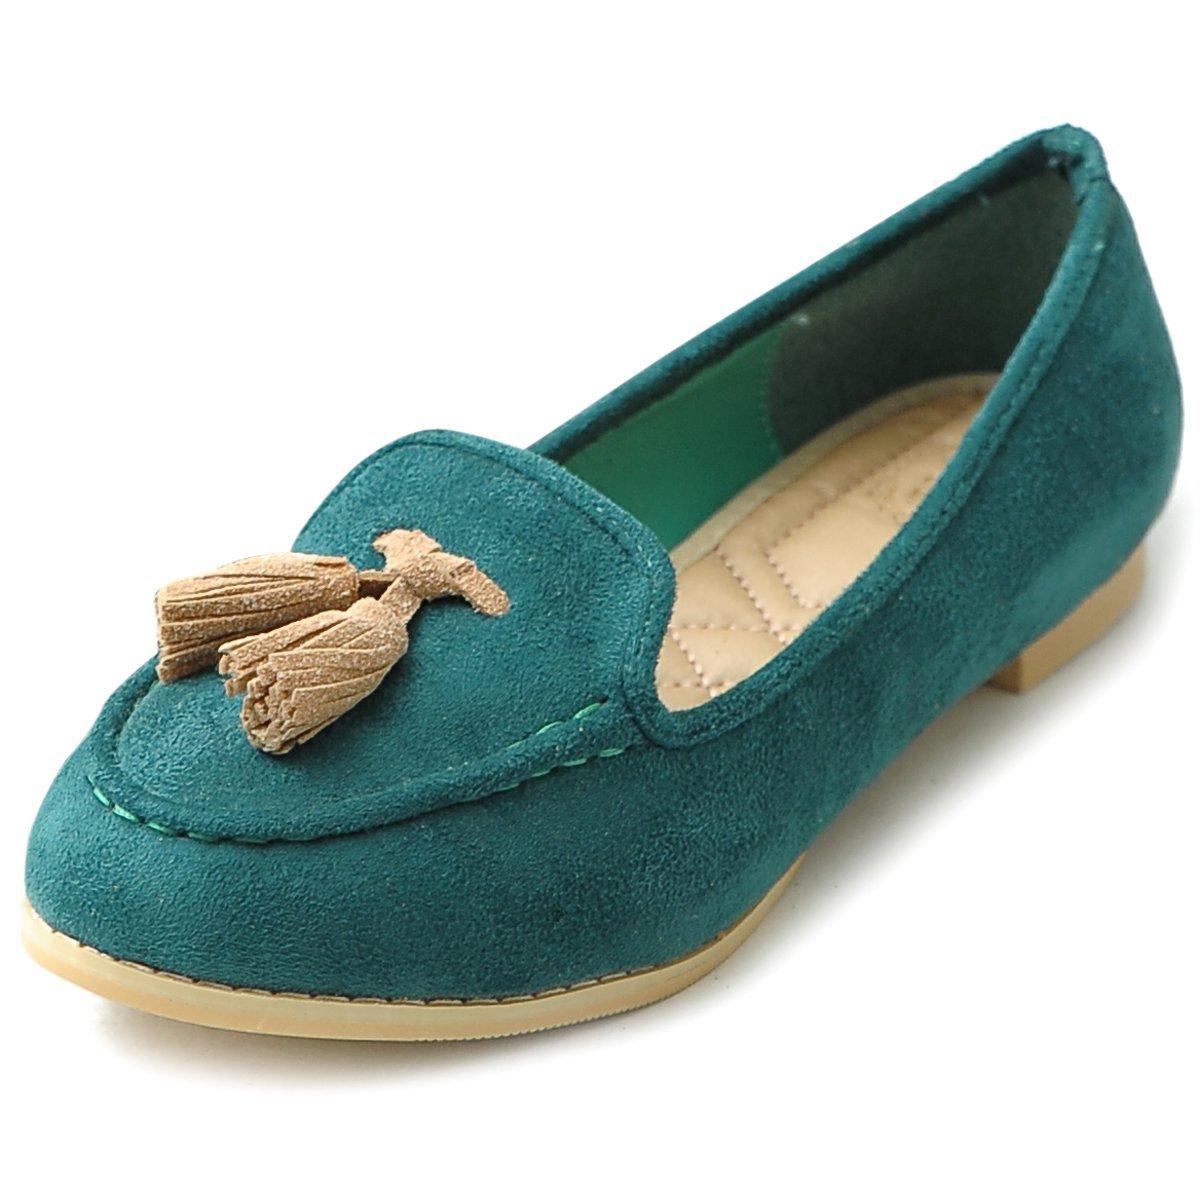 Ollio Women's Ballet Shoe Tassel Faux-Suede Cute Flat B00GFXC0Z4 7.5 B(M) US|Dark Green